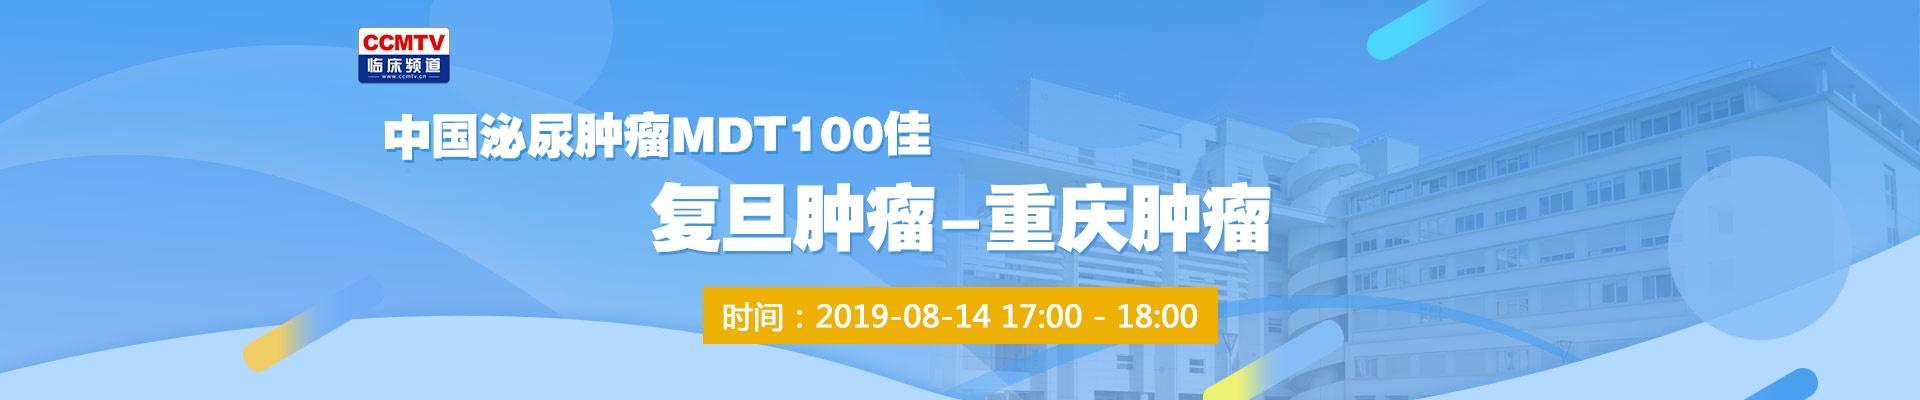 中國泌尿腫瘤MDT100佳   重慶大學附屬腫瘤醫院